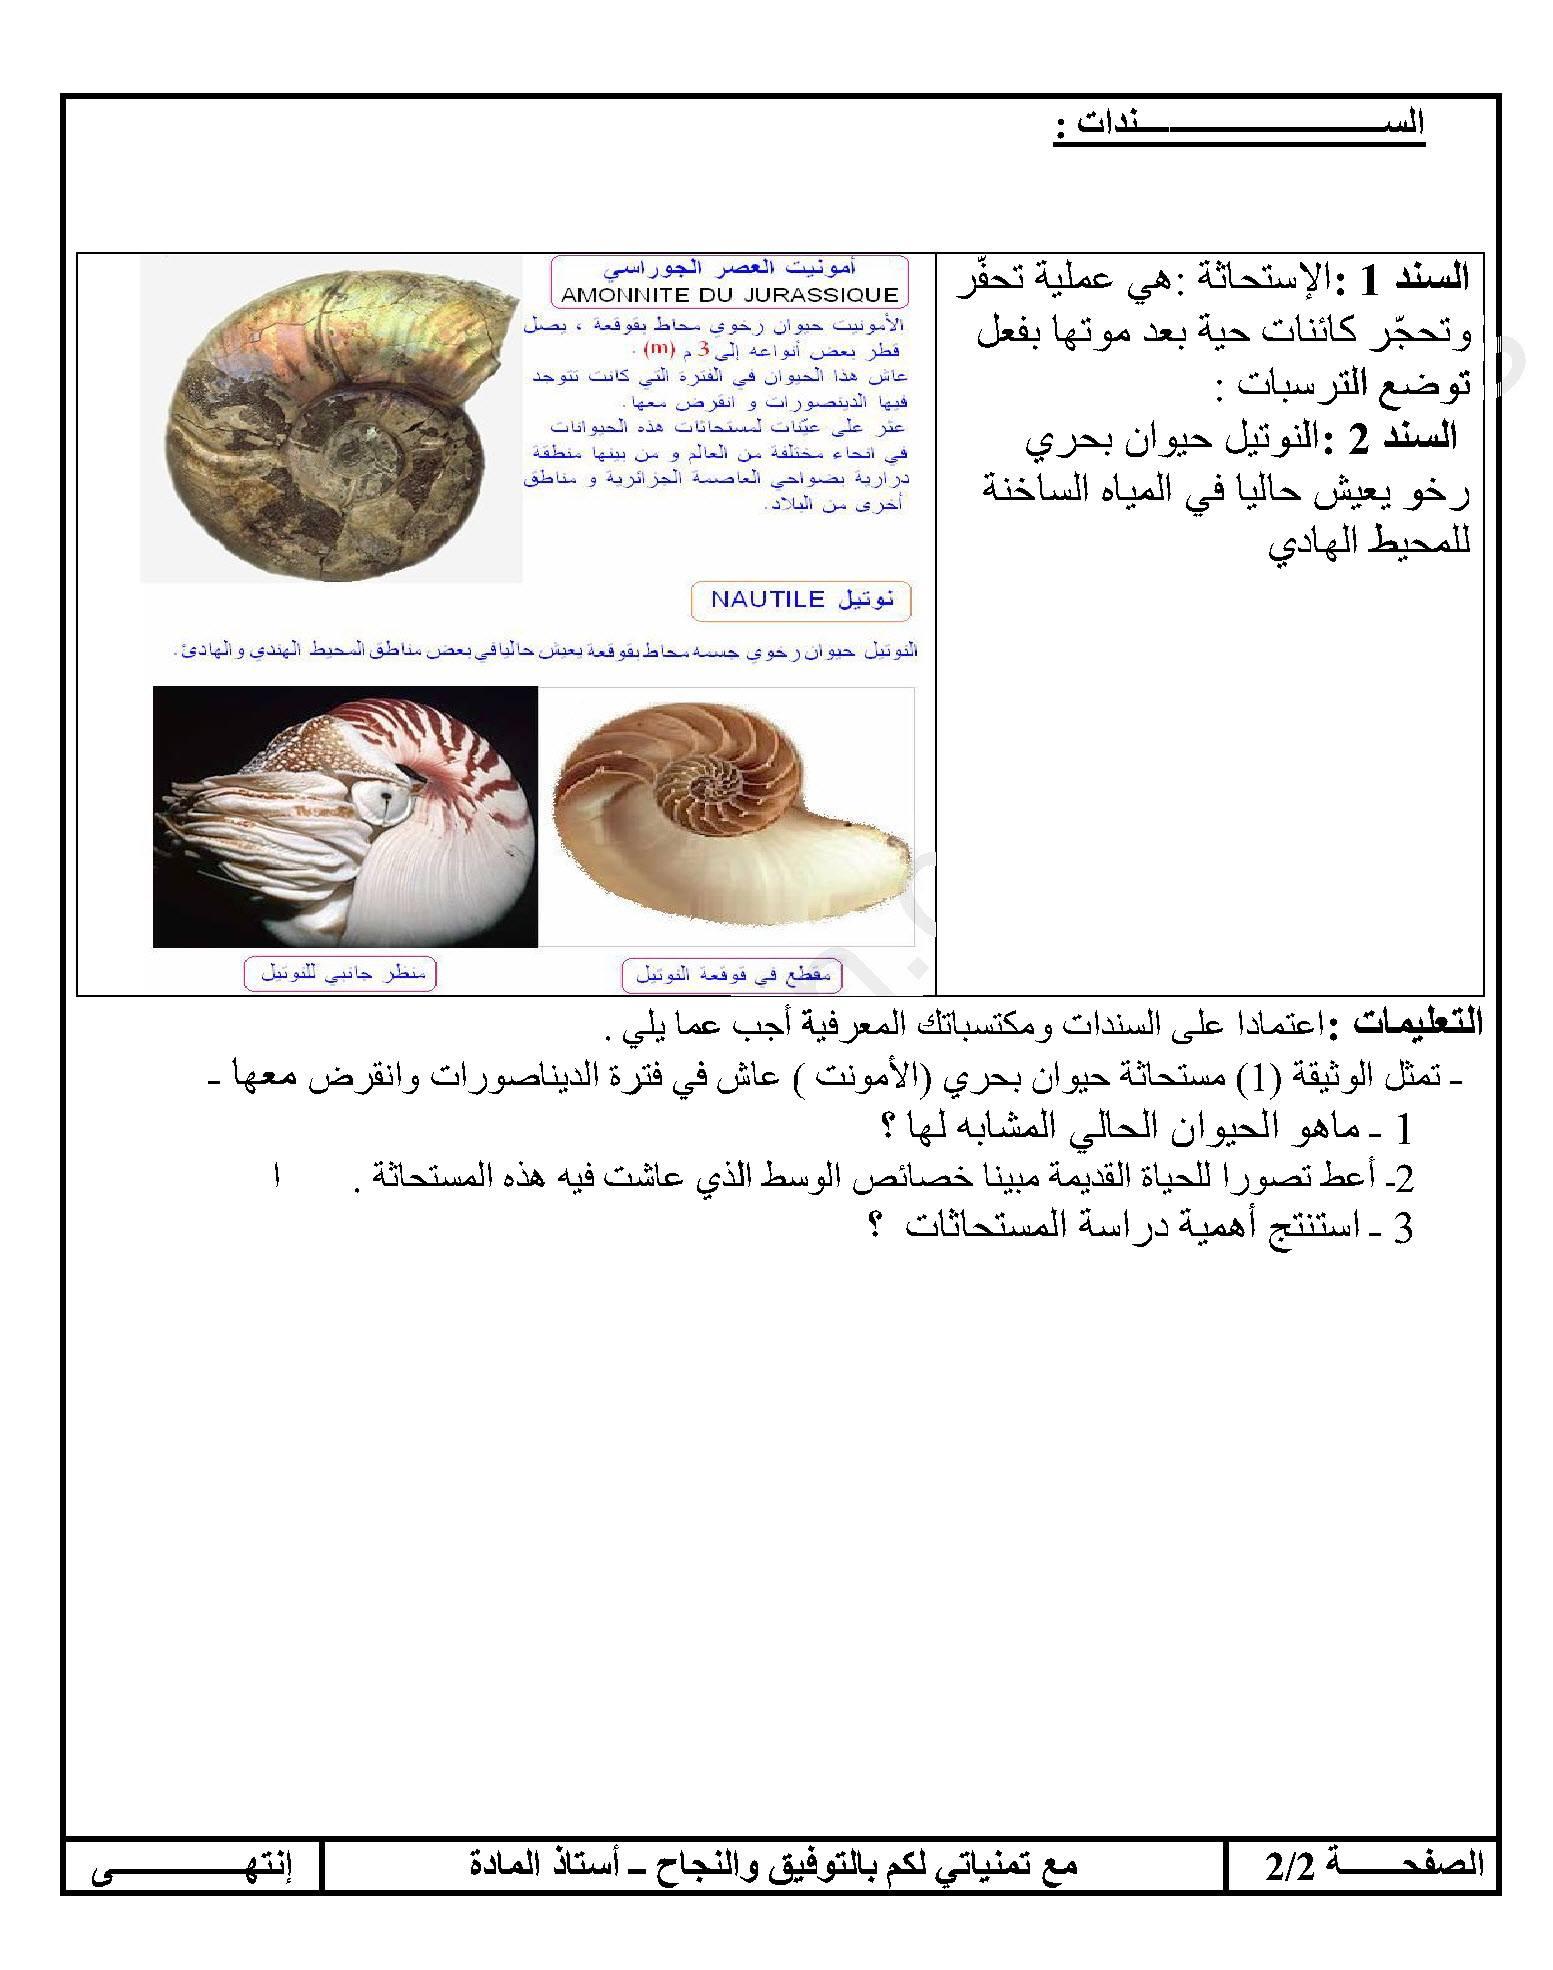 اختبار الفصل الثالث في العلوم الطبيعية السنة الثانية متوسط - الموضوع 03